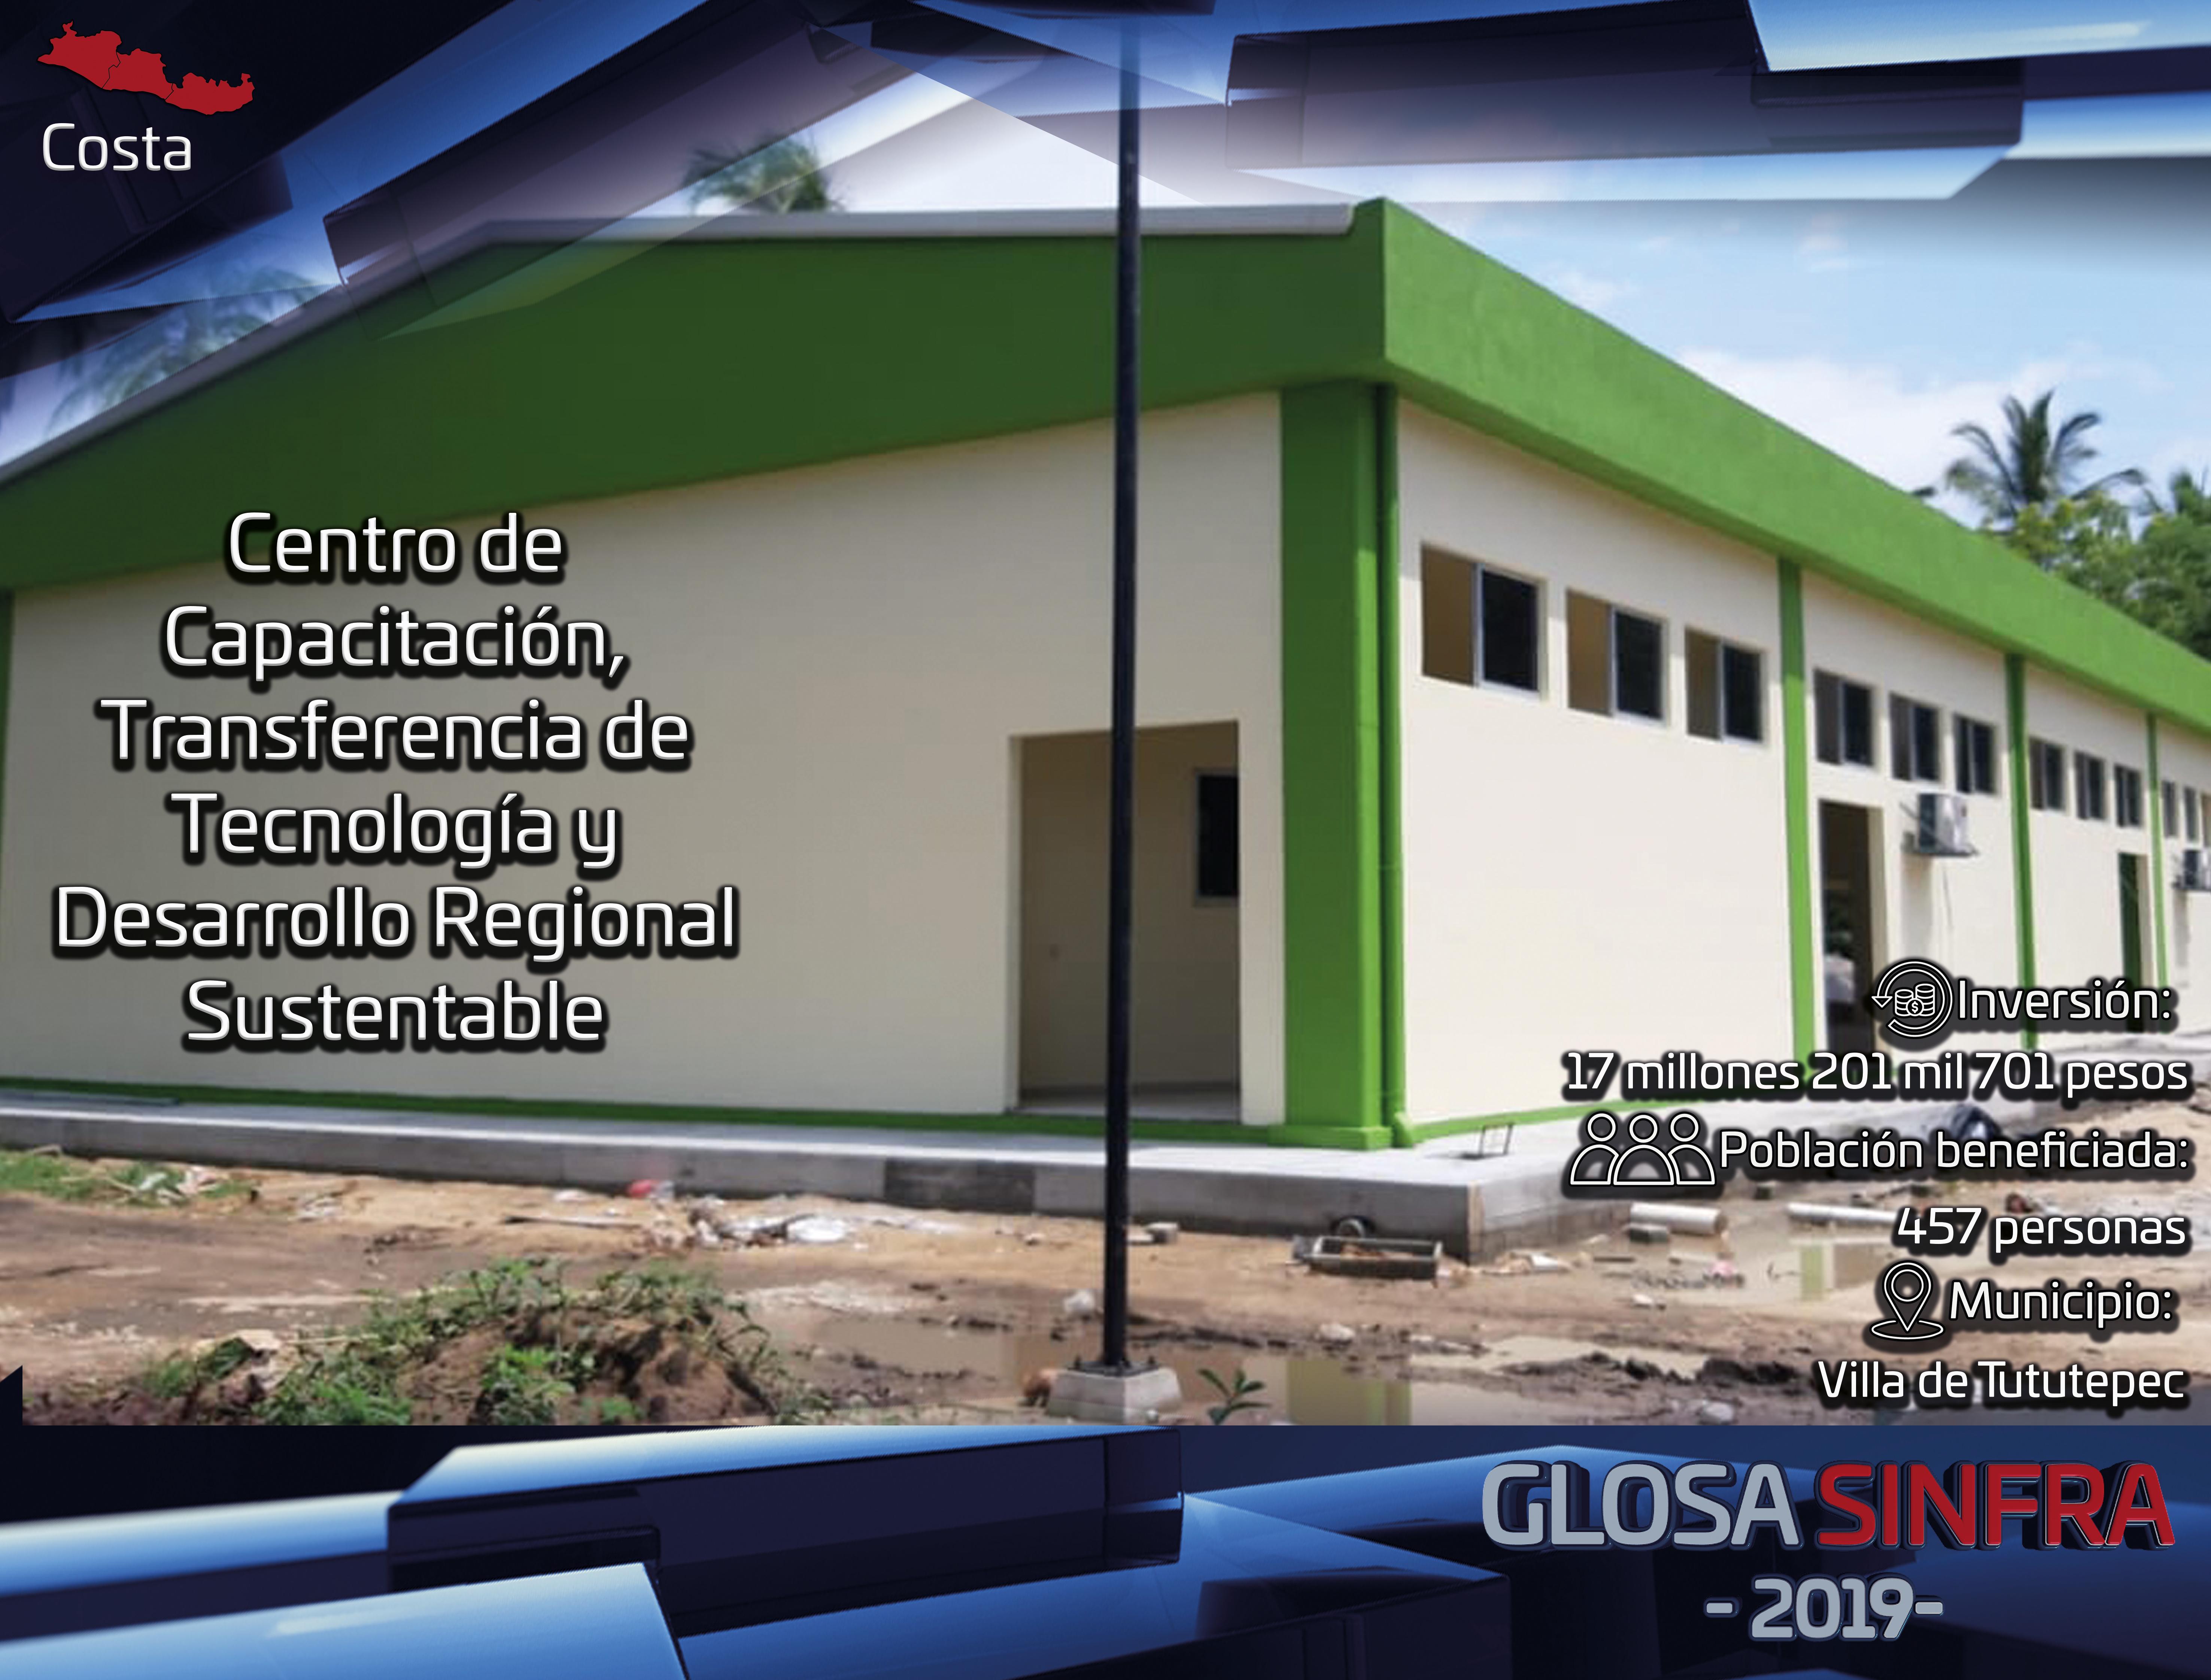 El gobierno de Oaxaca trabaja en la construcción de la infraestructura necesaria que impulsa el desarrollo tecnológico del campo oaxaqueño.